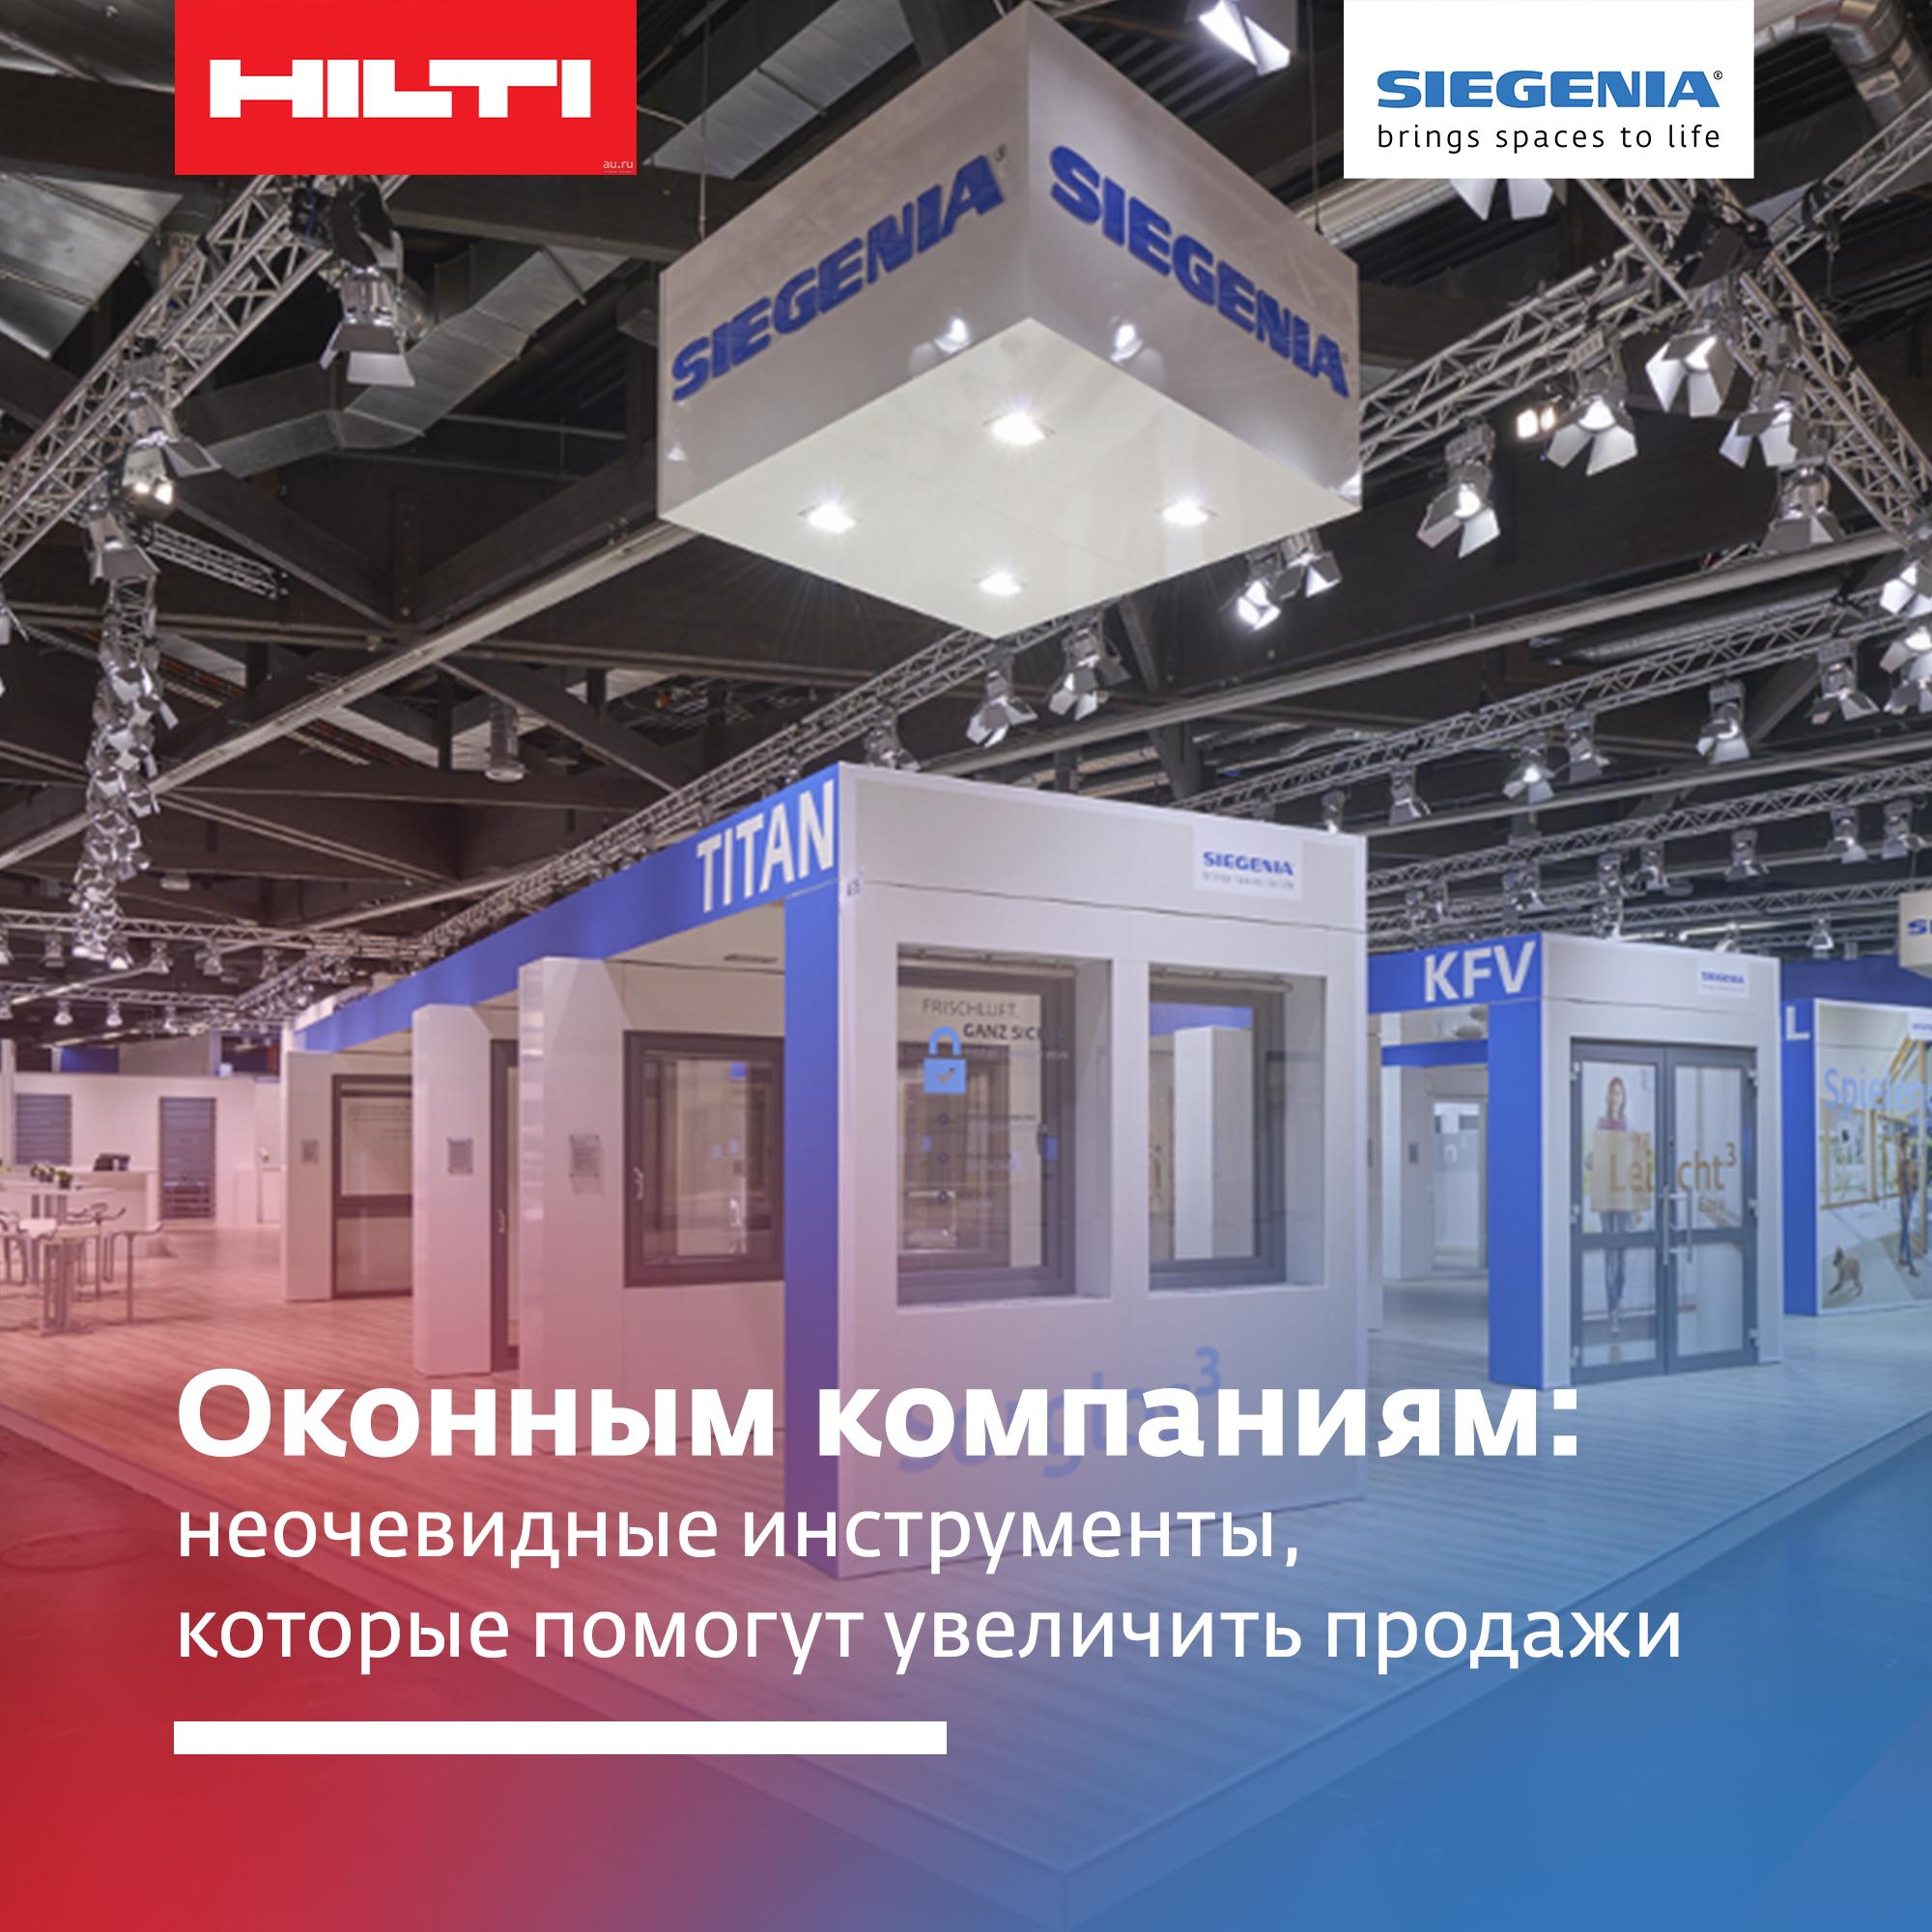 okonnym-kompaniyam-neochevidnye-instrumenty-kotorye-pomogut-uvelichit-prodazhi